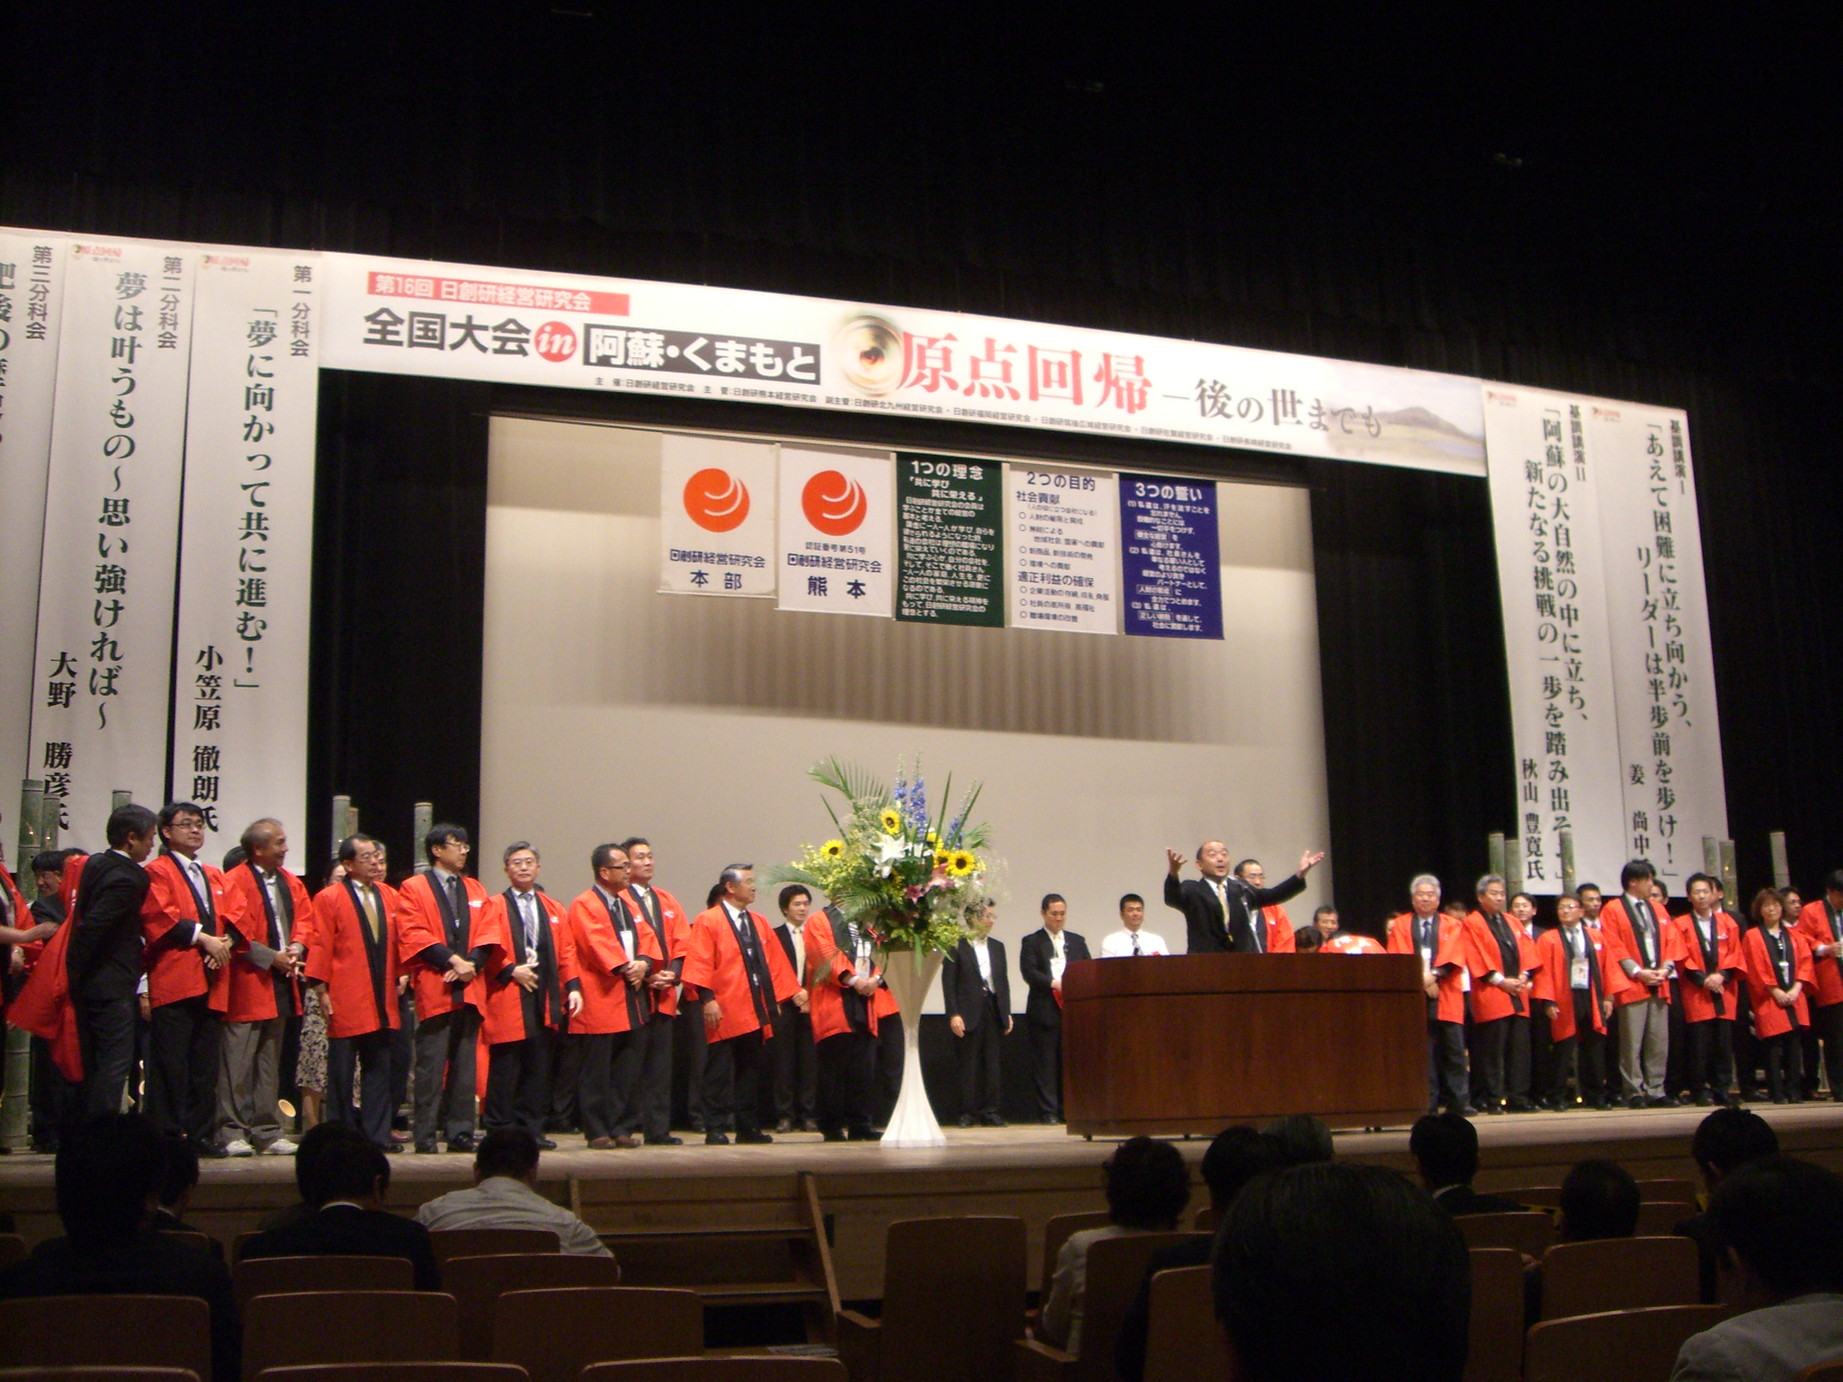 経営研究会全国大会IN阿蘇・熊本に参加しました